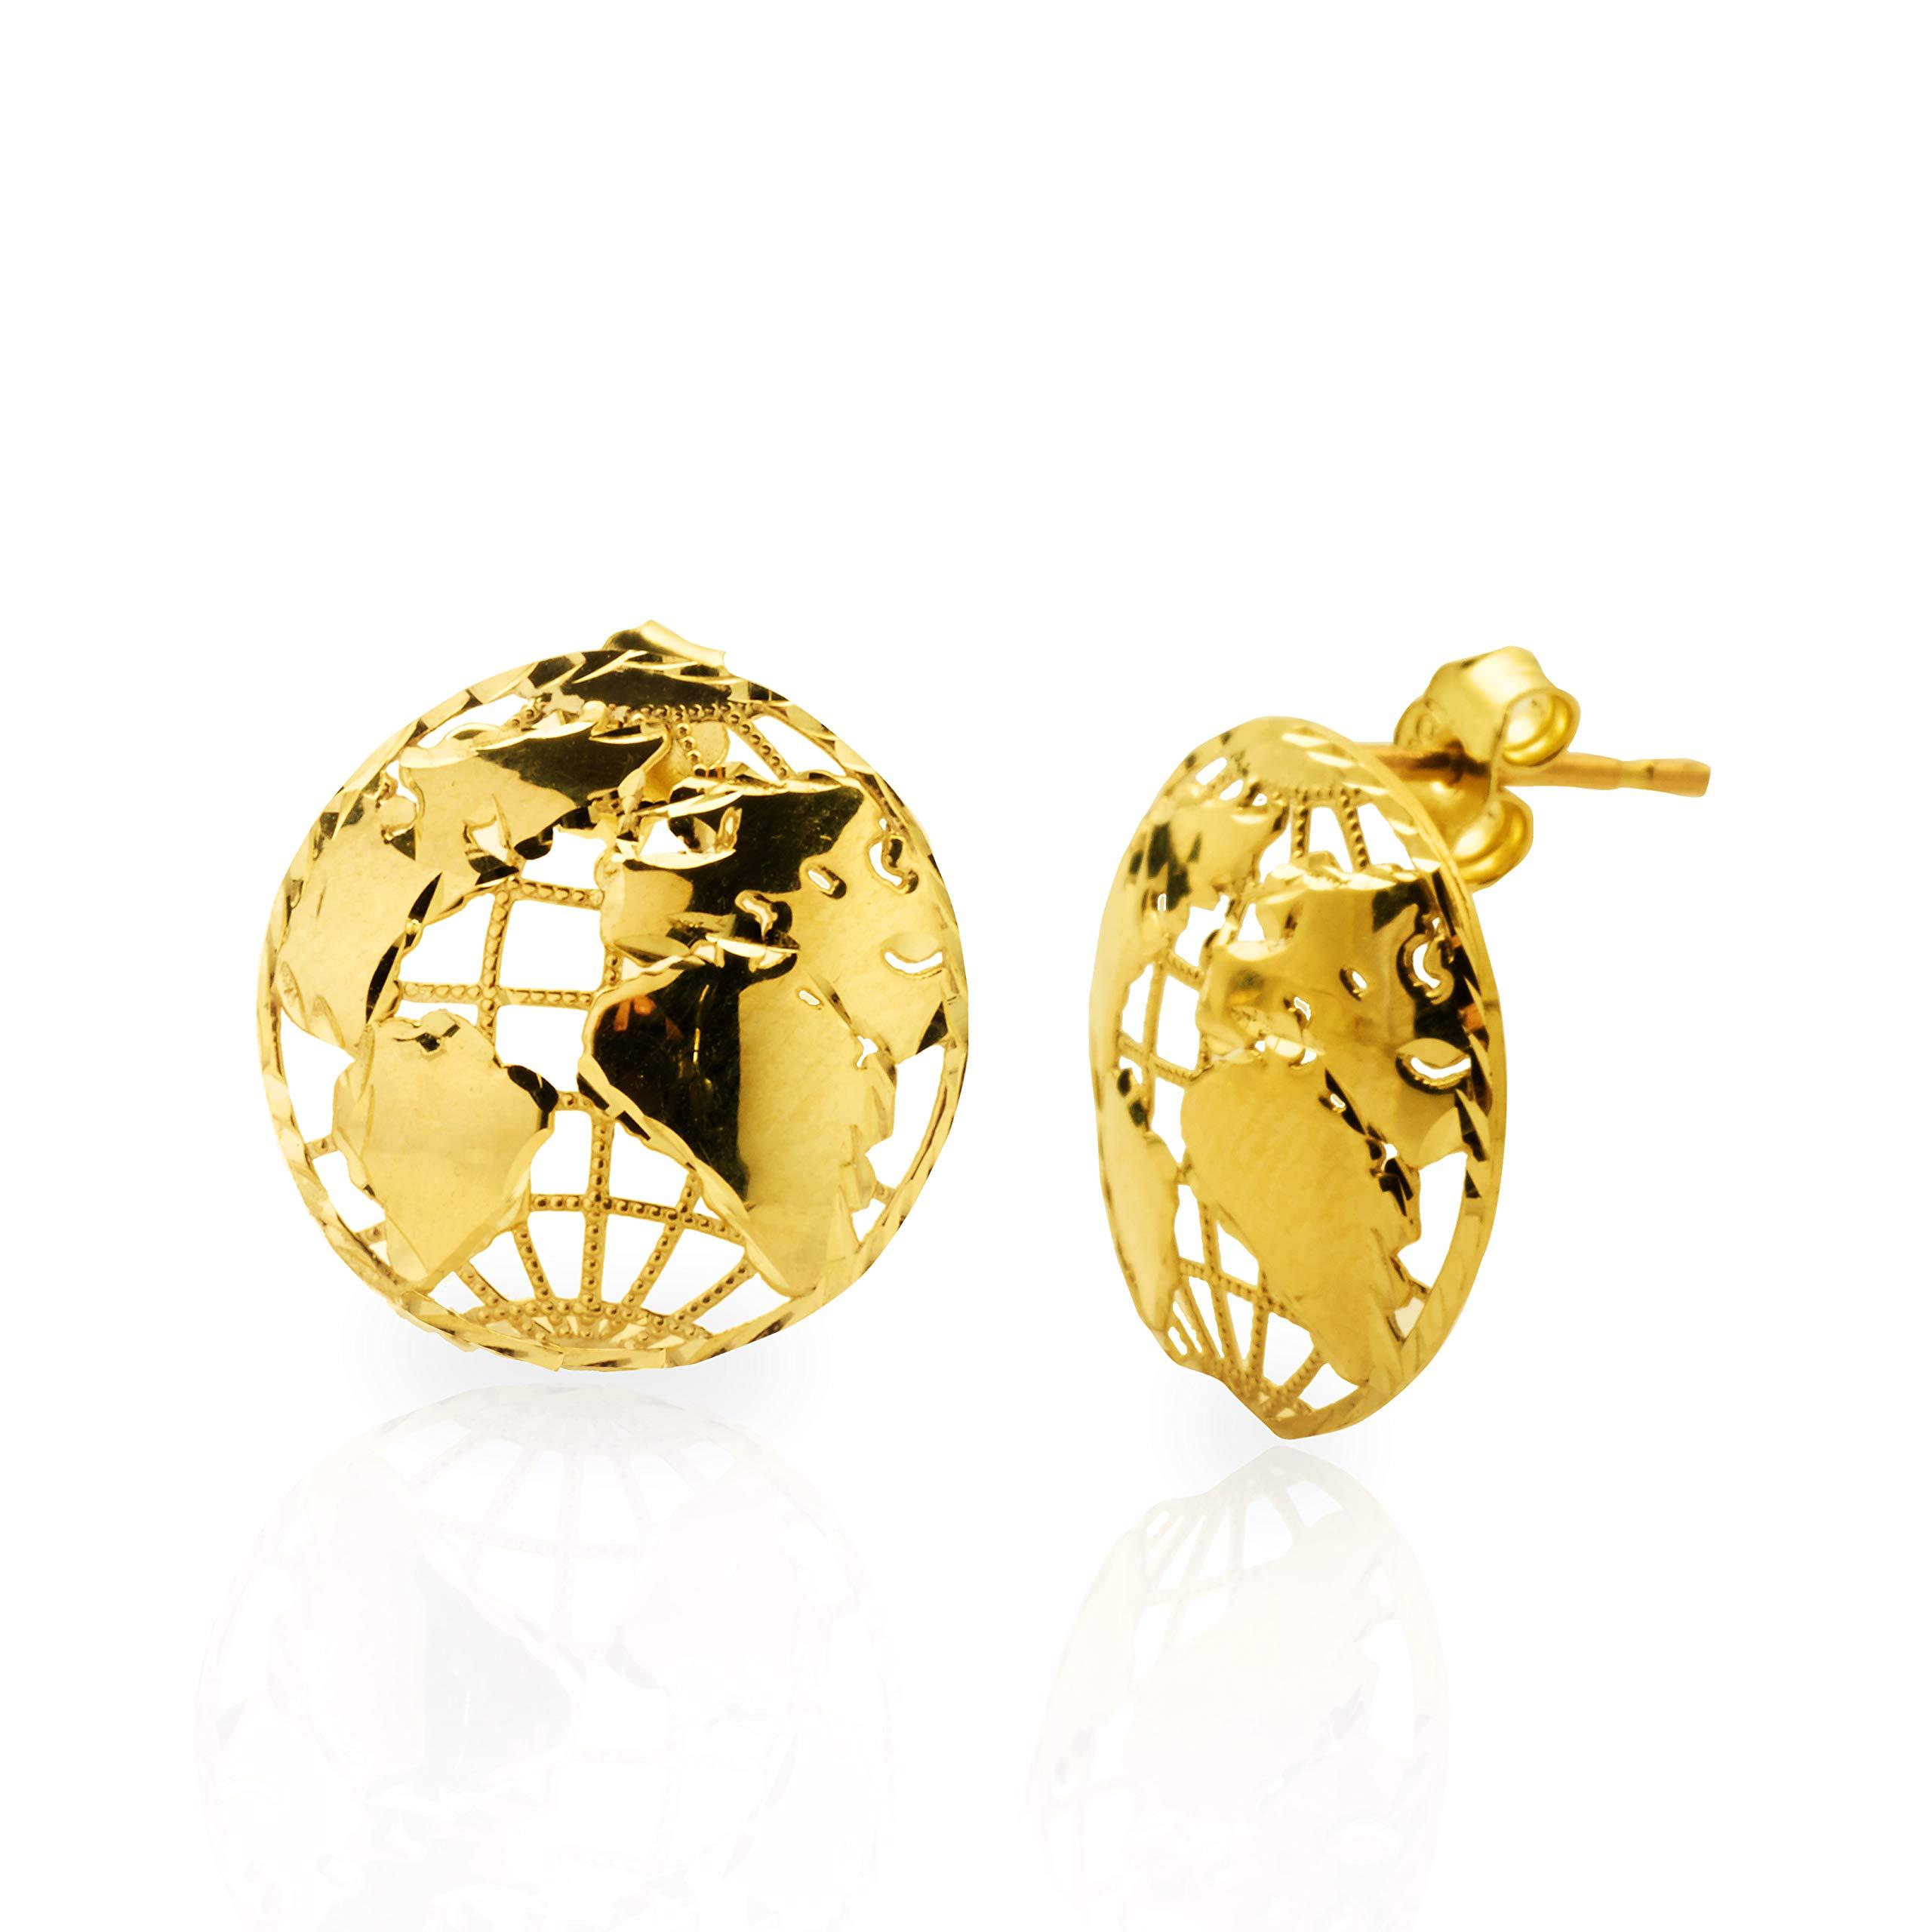 LoveBling 10k Yellow Gold World Map Stud Earrings (0.18'' x 0.17'')